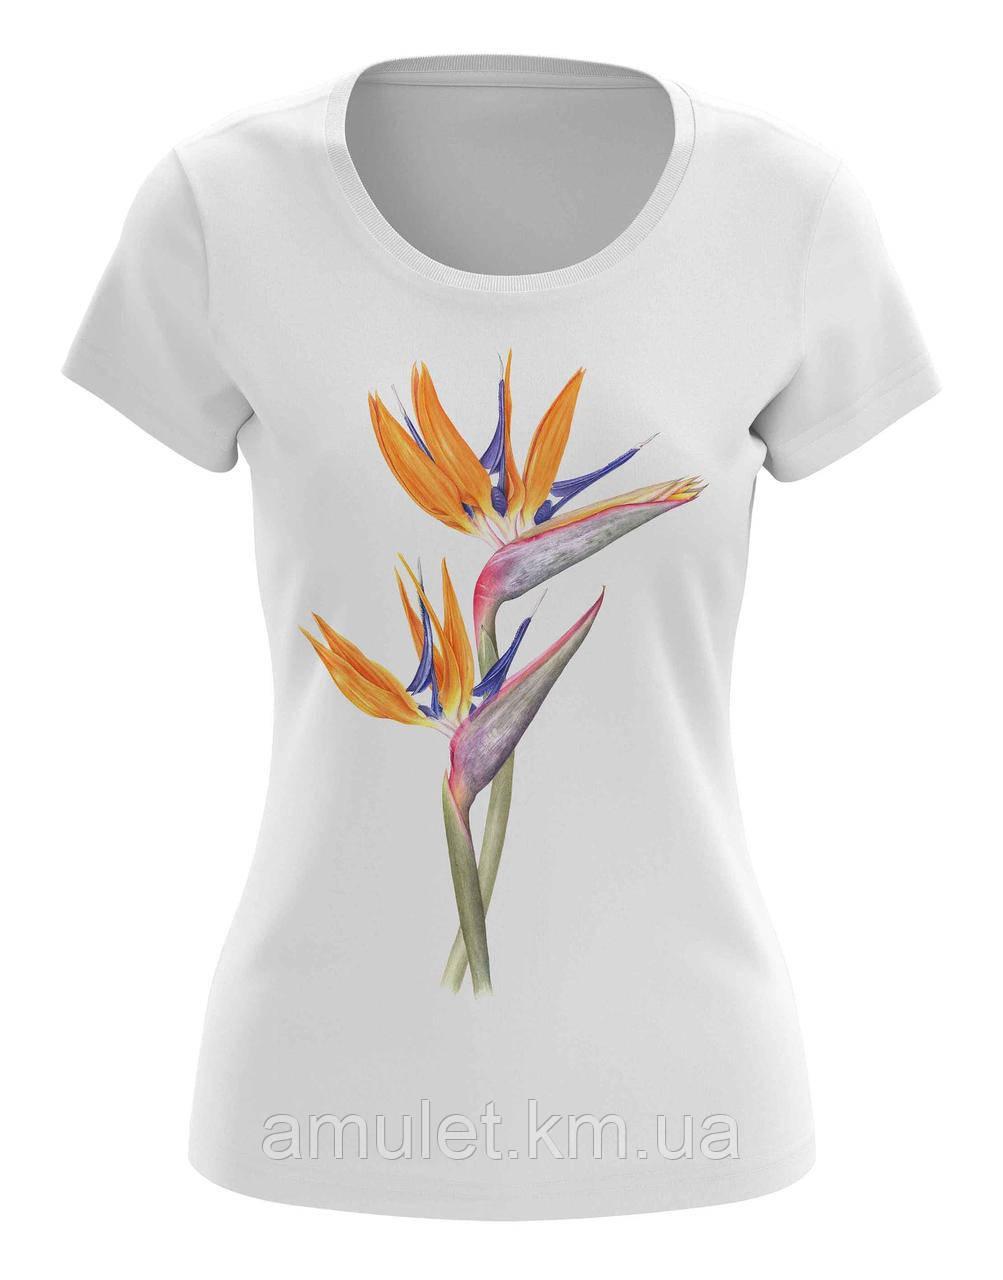 """Женская футболка с принтом """"Цветы, Райская Птица"""""""